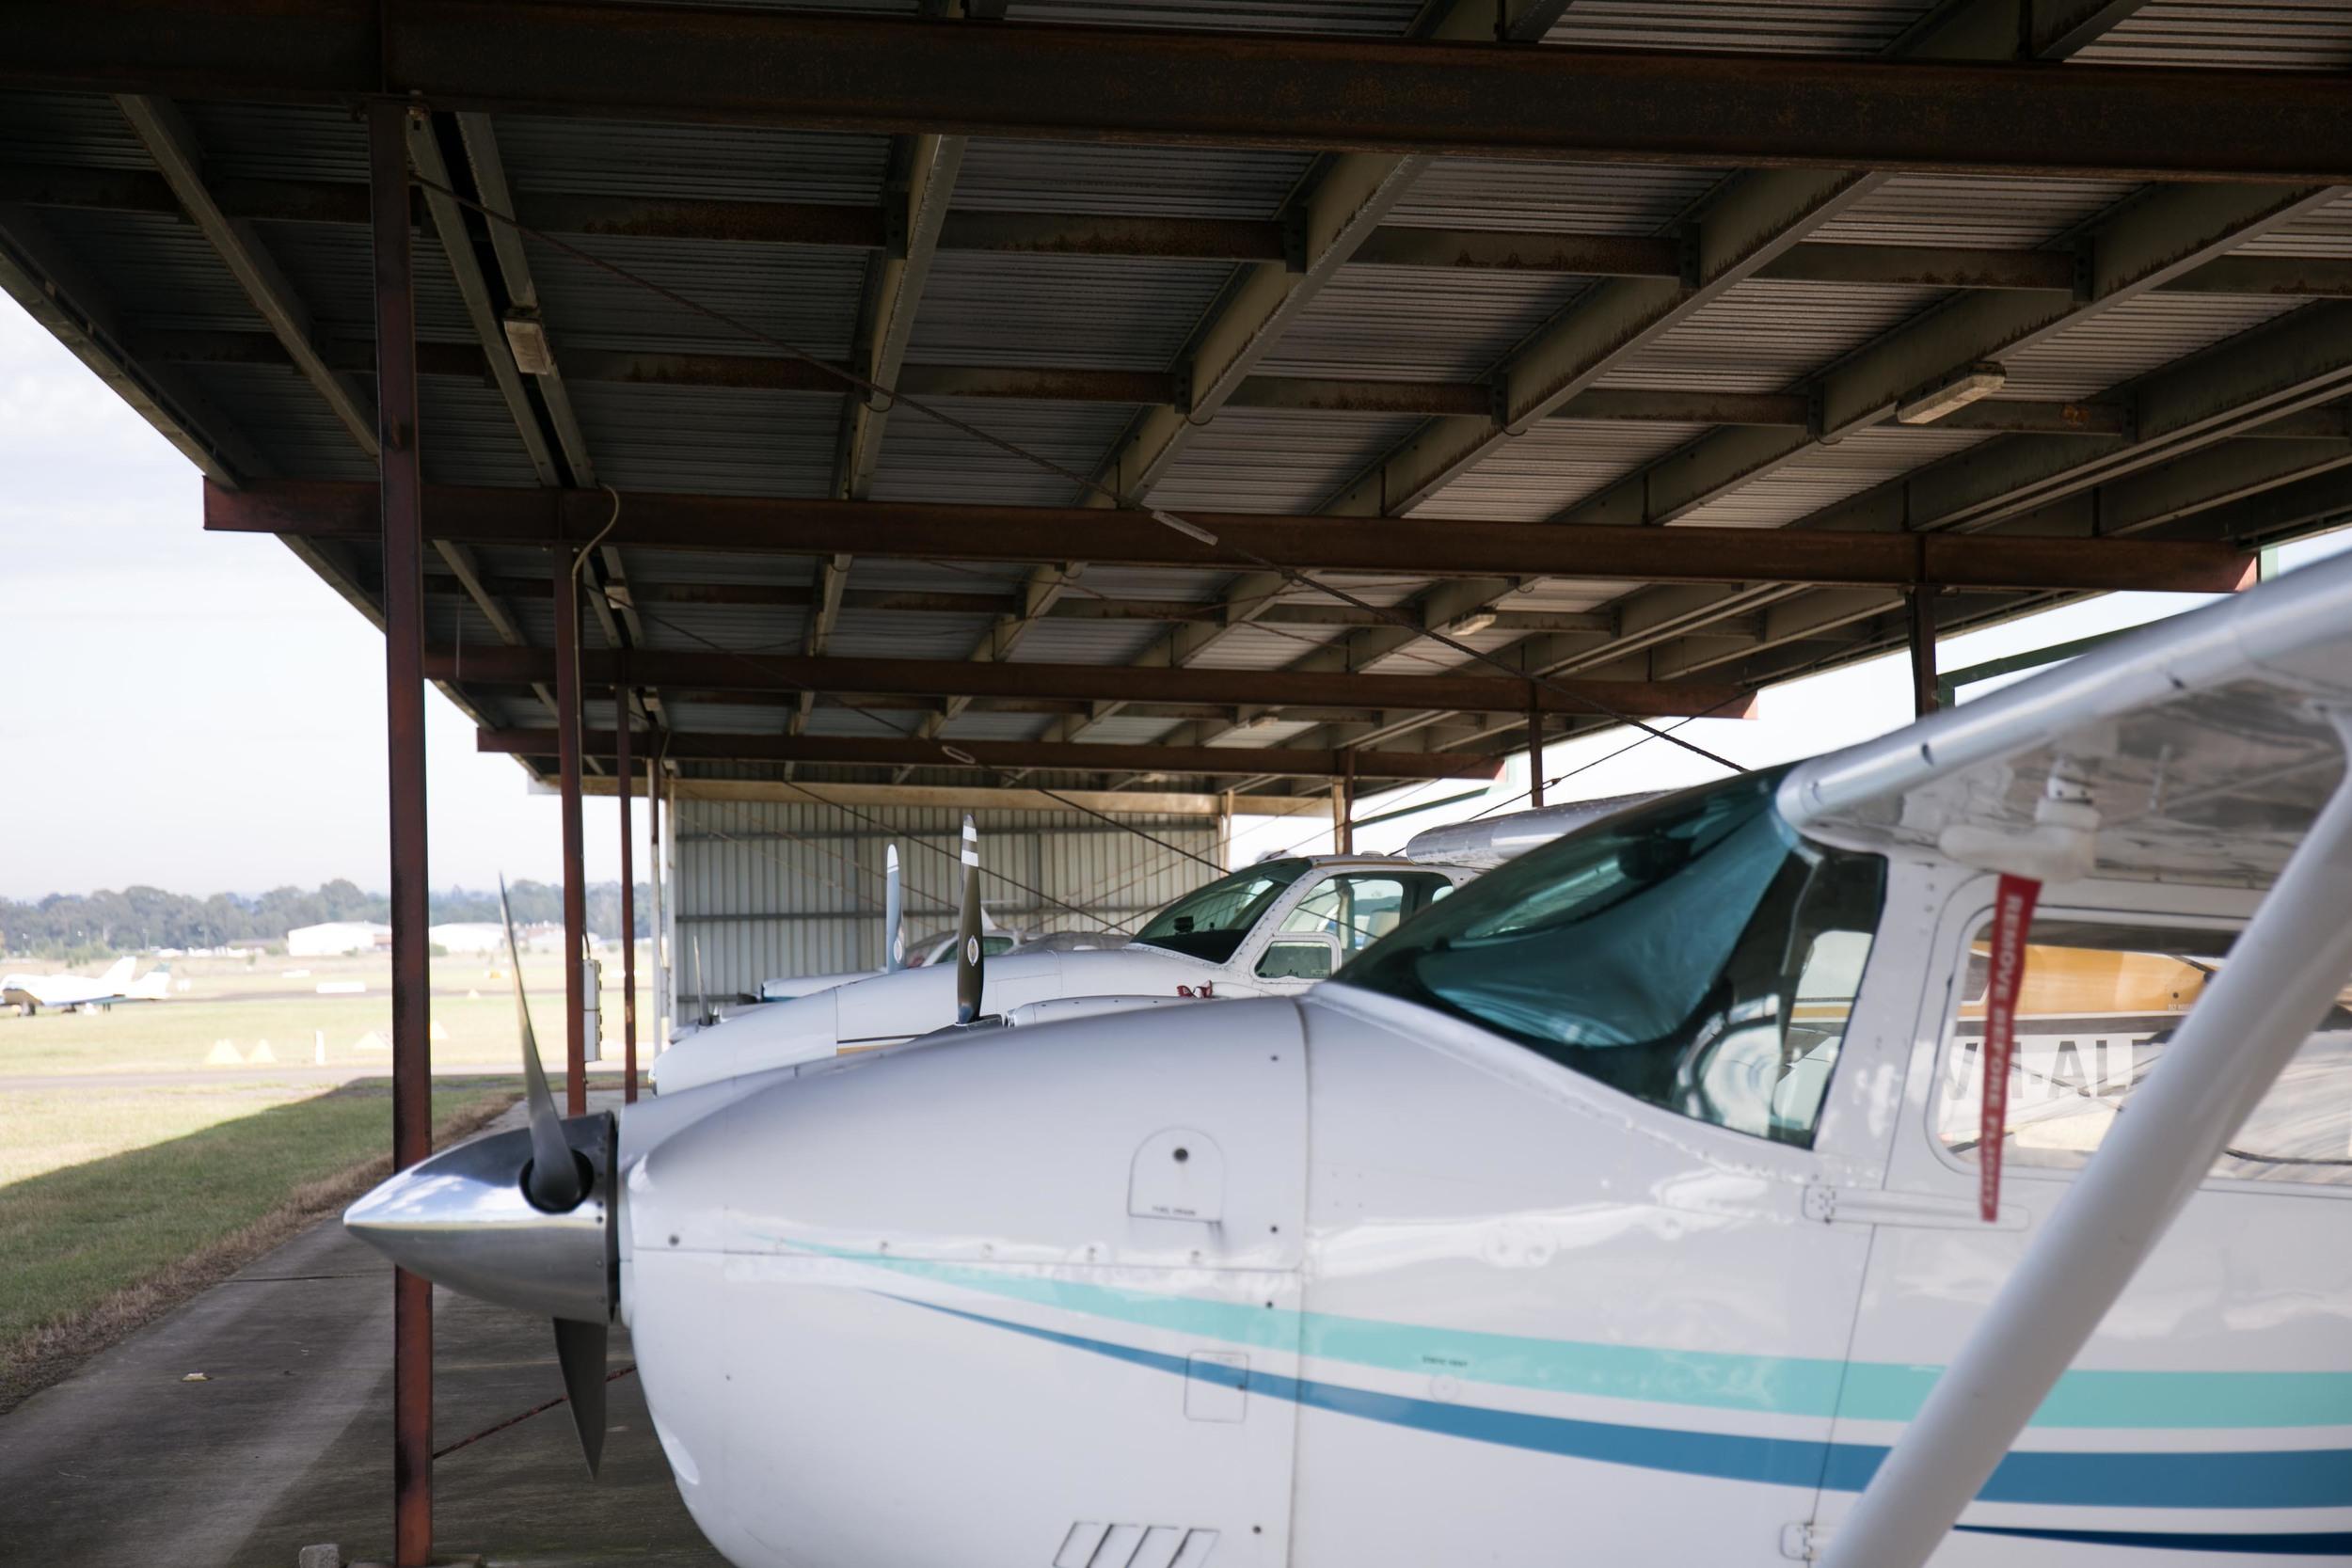 in_venus_Veritas_pilots_BANKSTOWN_AIRPORT-10.jpg